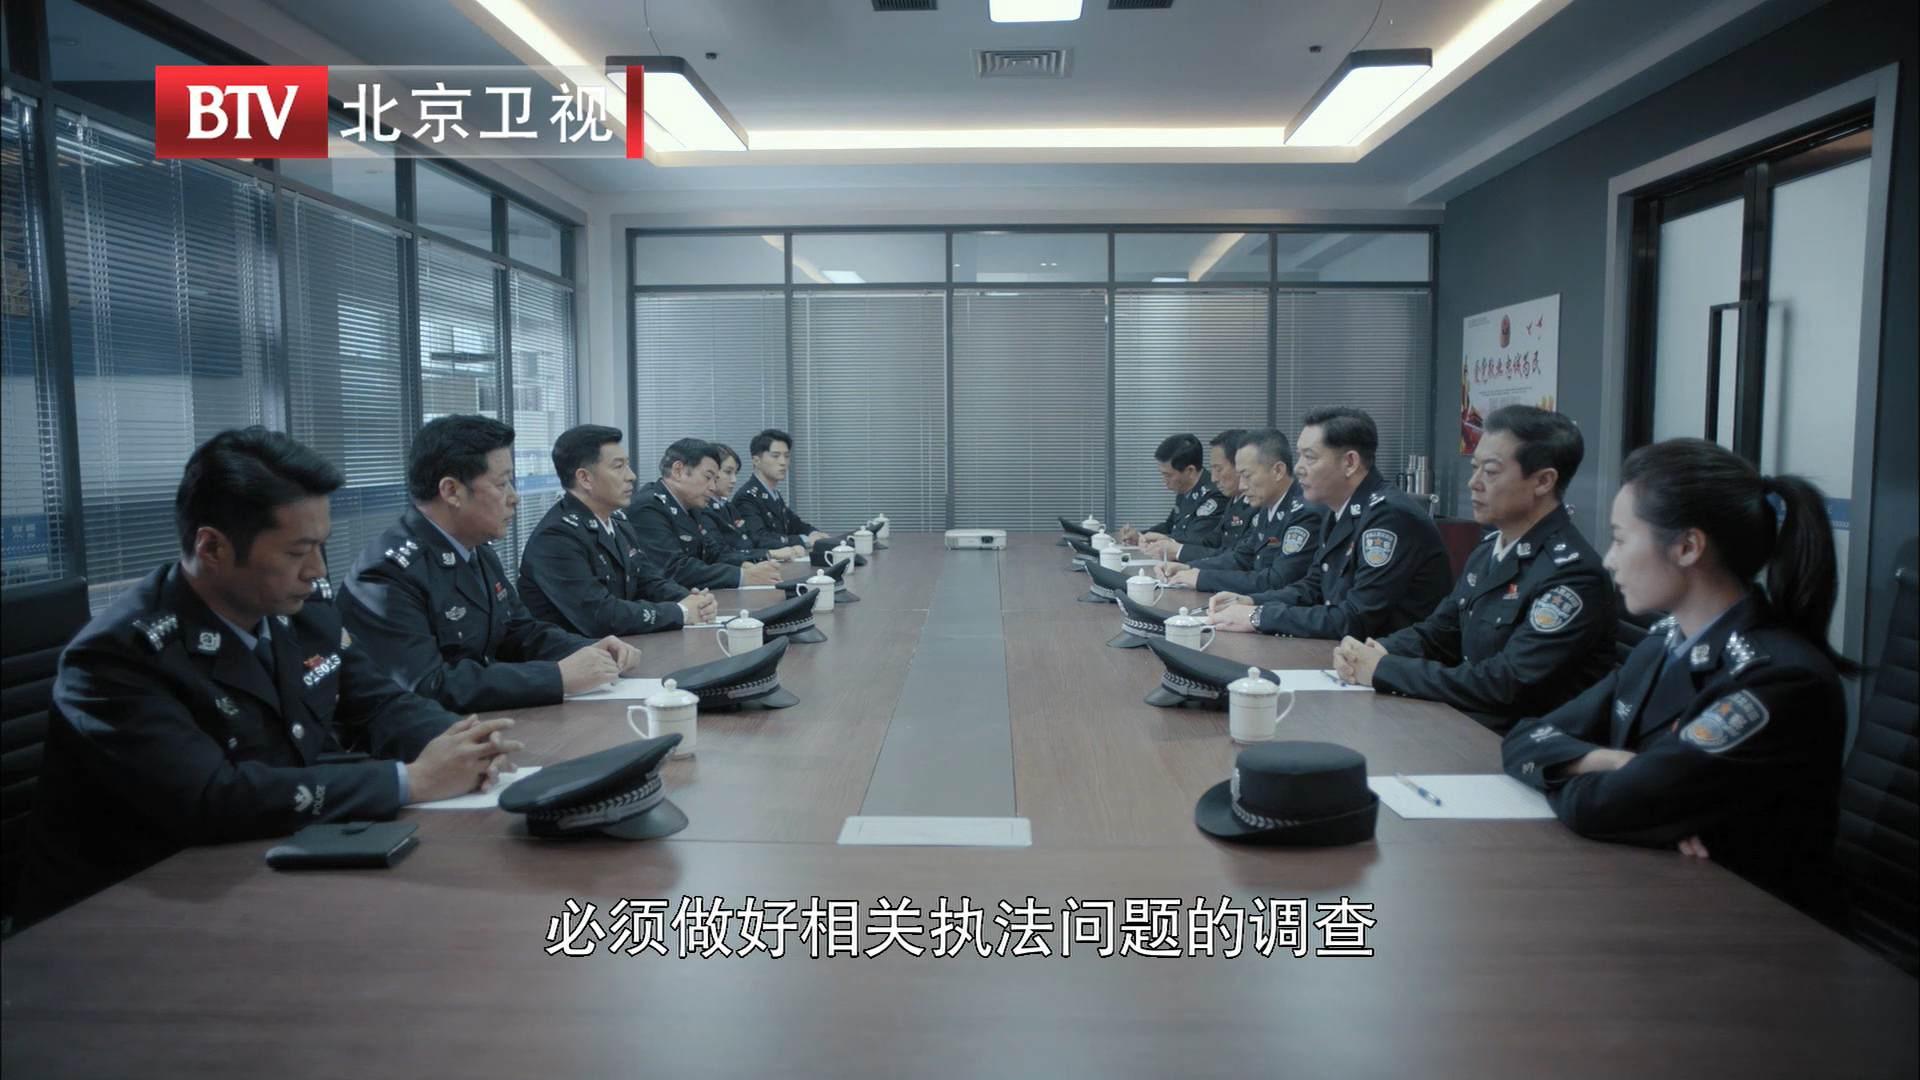 """《燃烧》第4集预览:""""四零五""""案复查小组成立 将全力查清真相"""